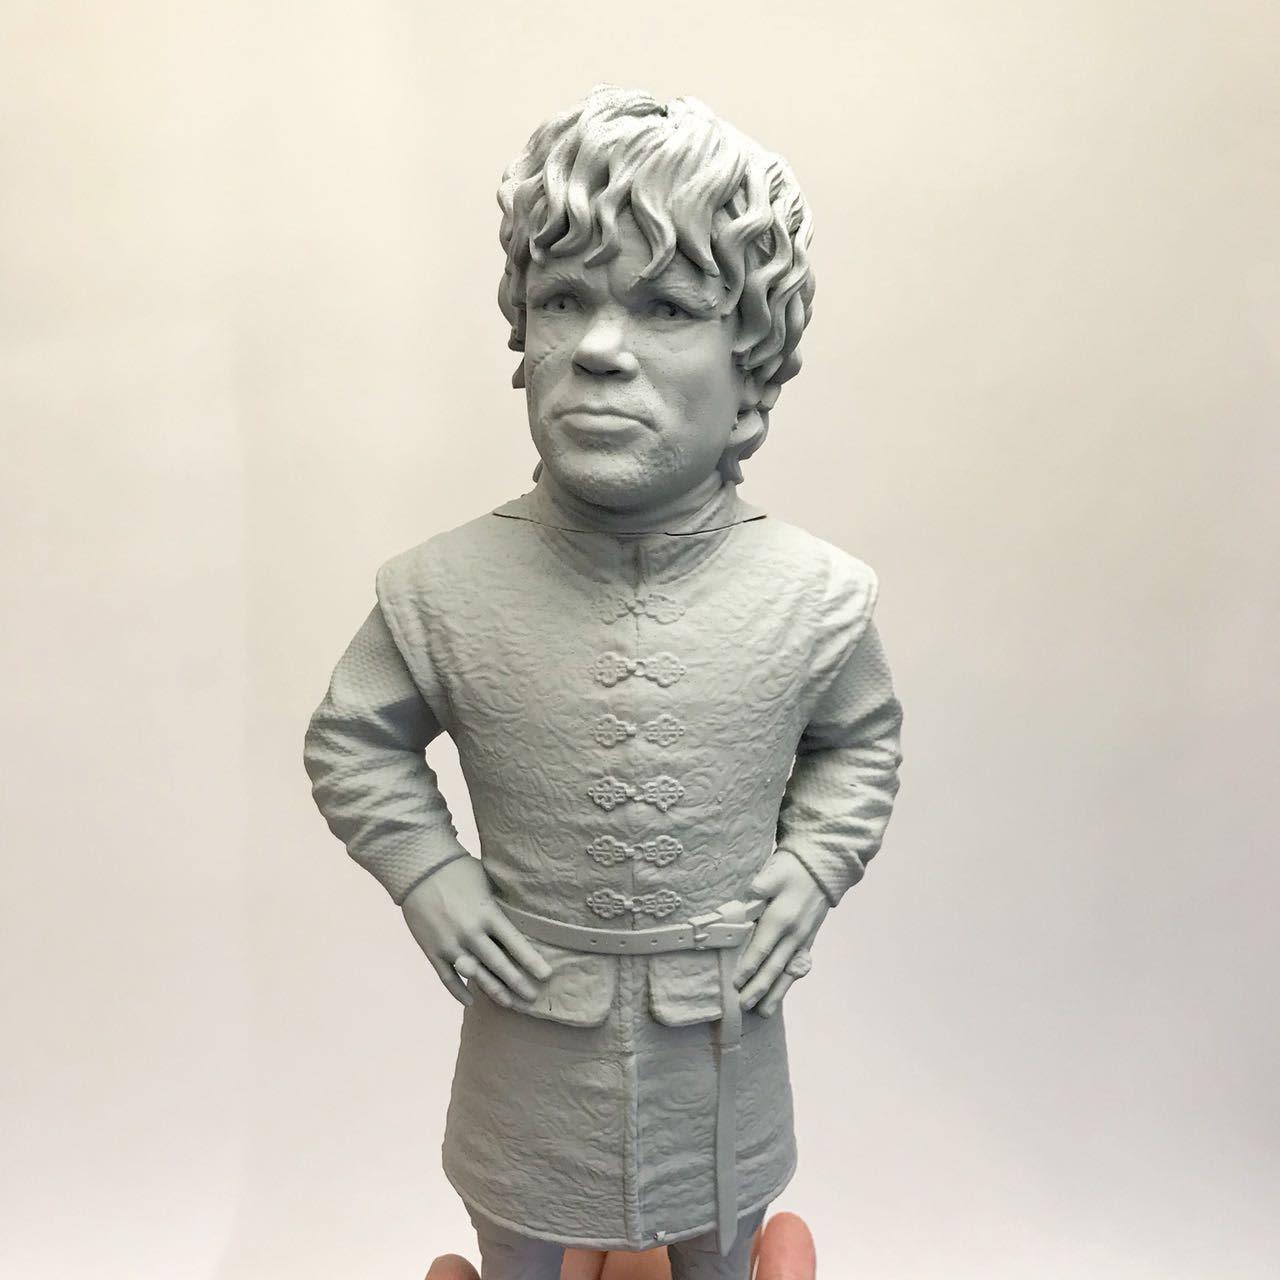 3D Printed Peter